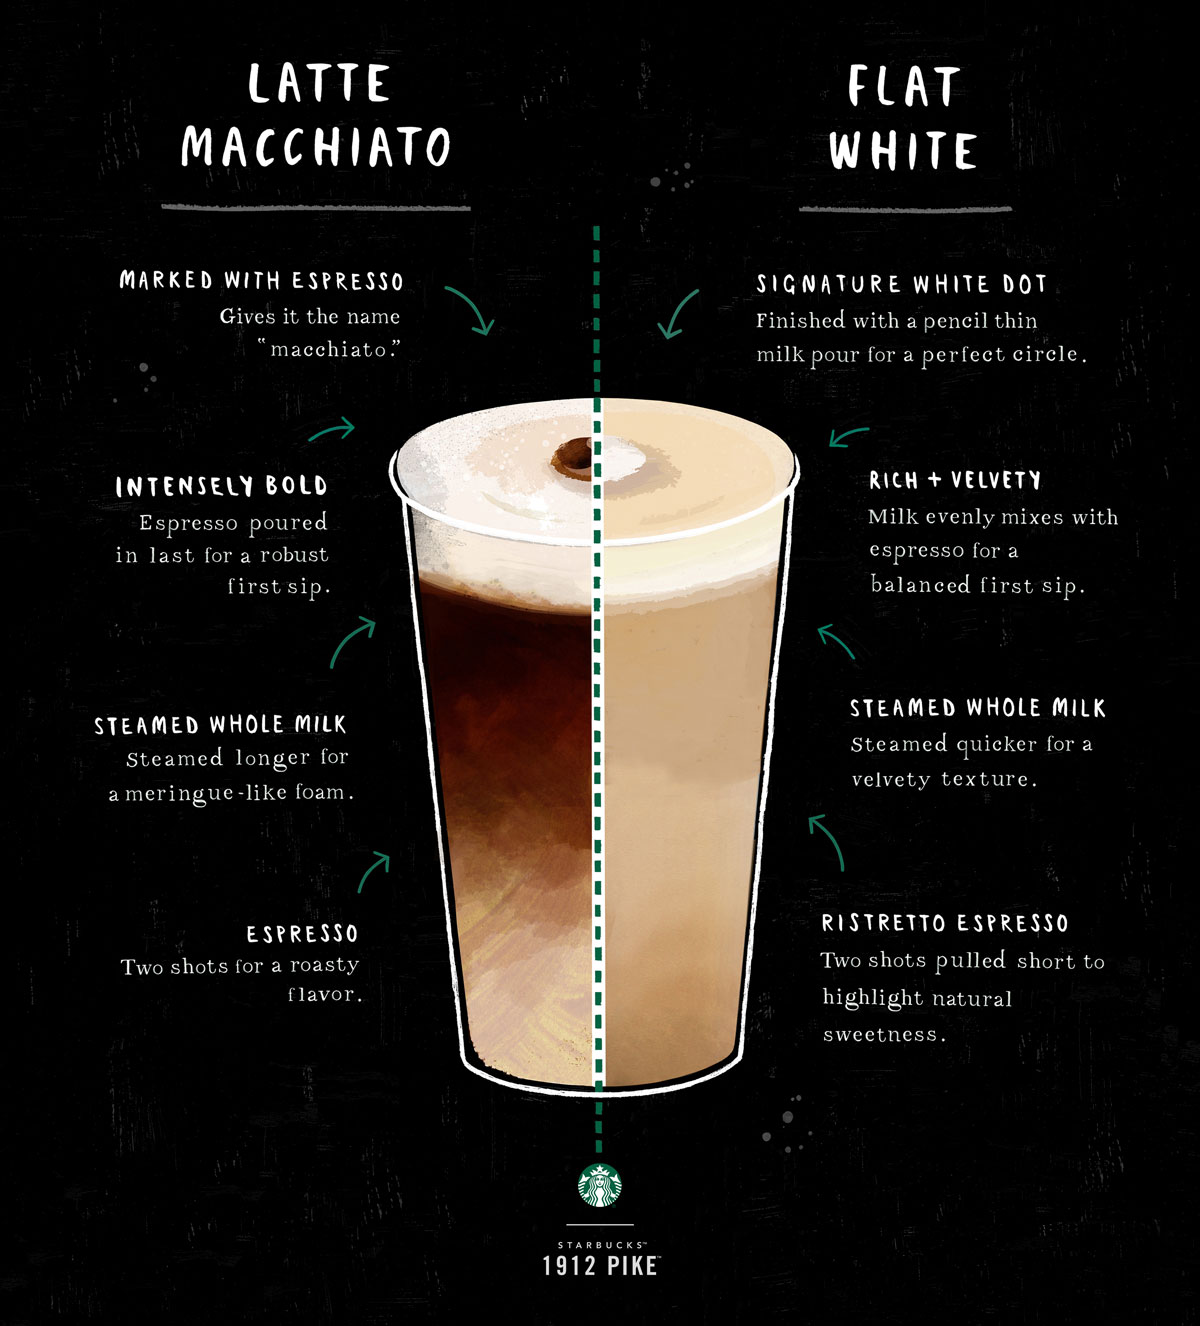 latte-macchiato-flat-white-01-1454567959